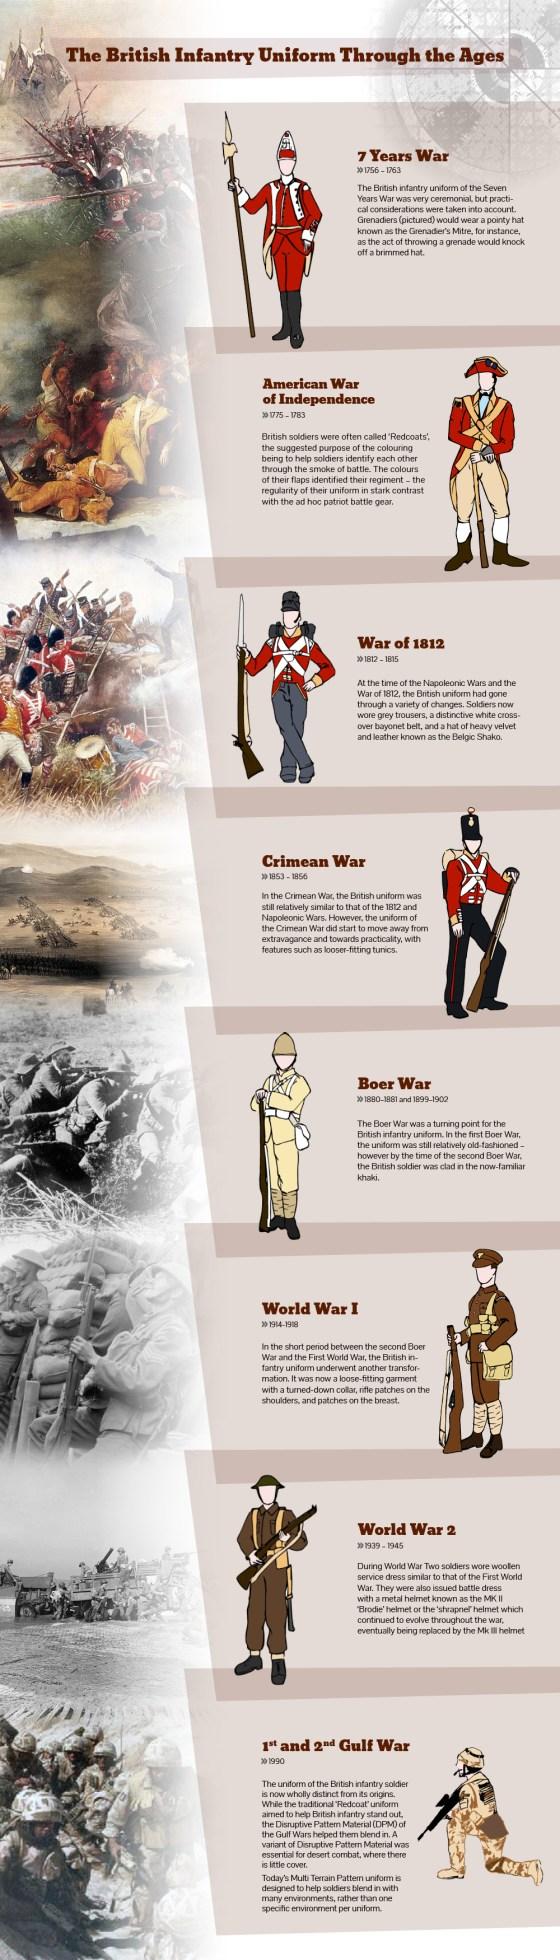 JBI-The-British-Infantry-Uniform-in-War-Time-V2